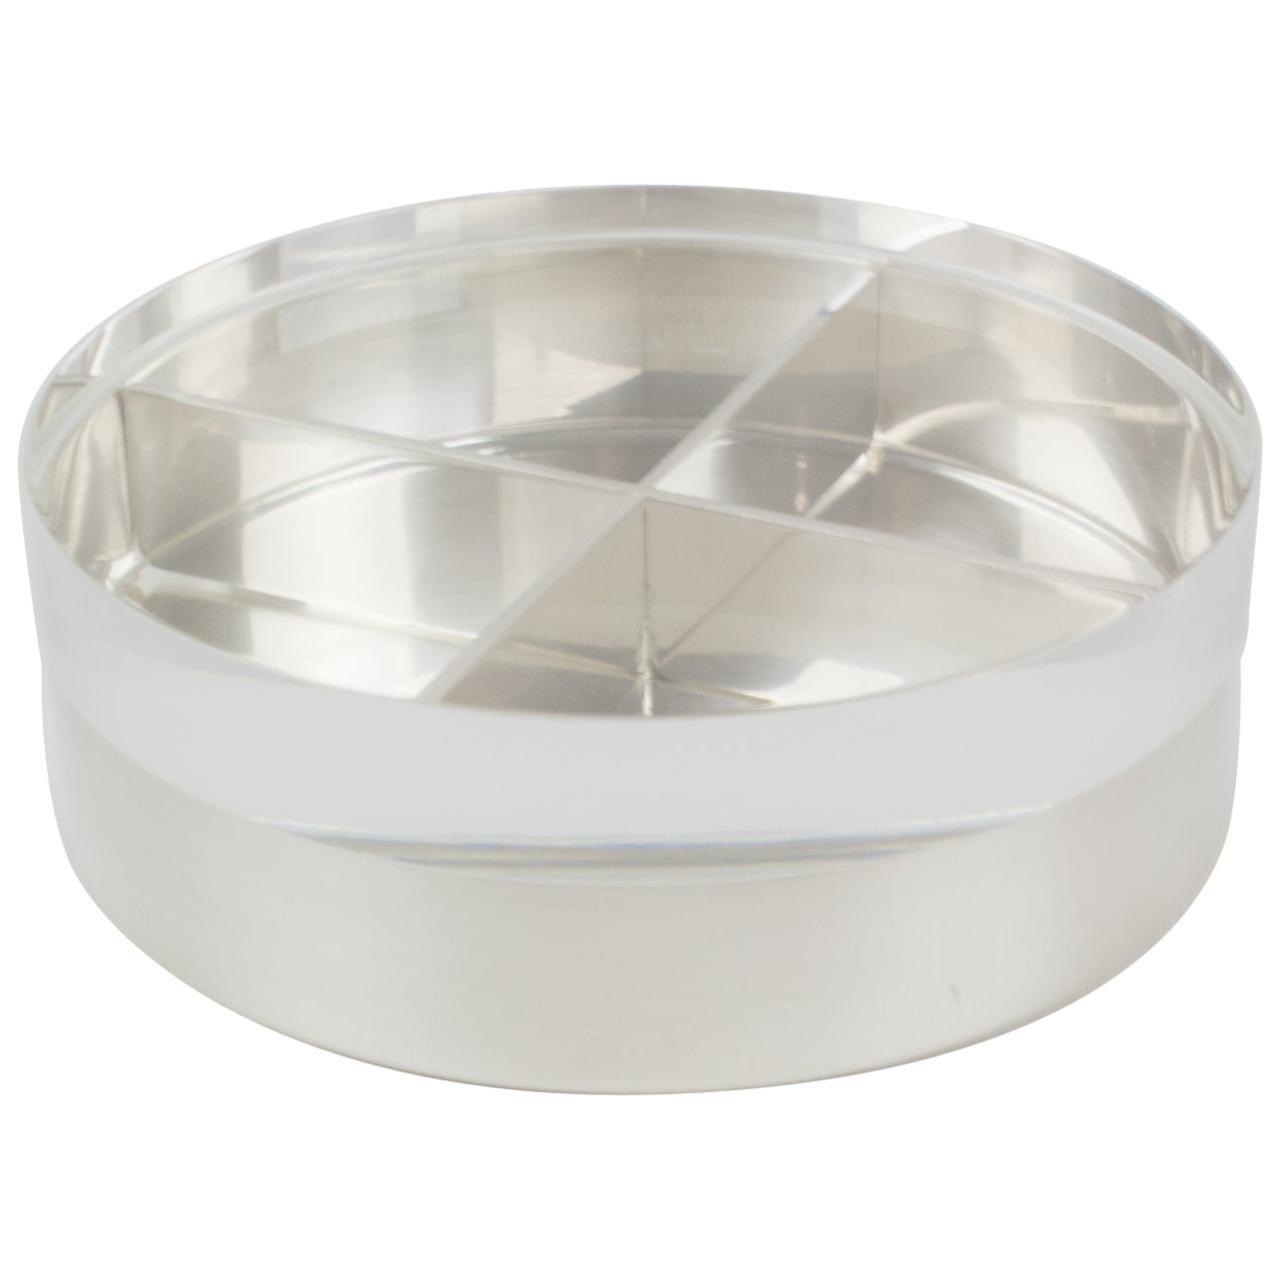 Mellerio 1970s Silver Plate Lucite Round Box